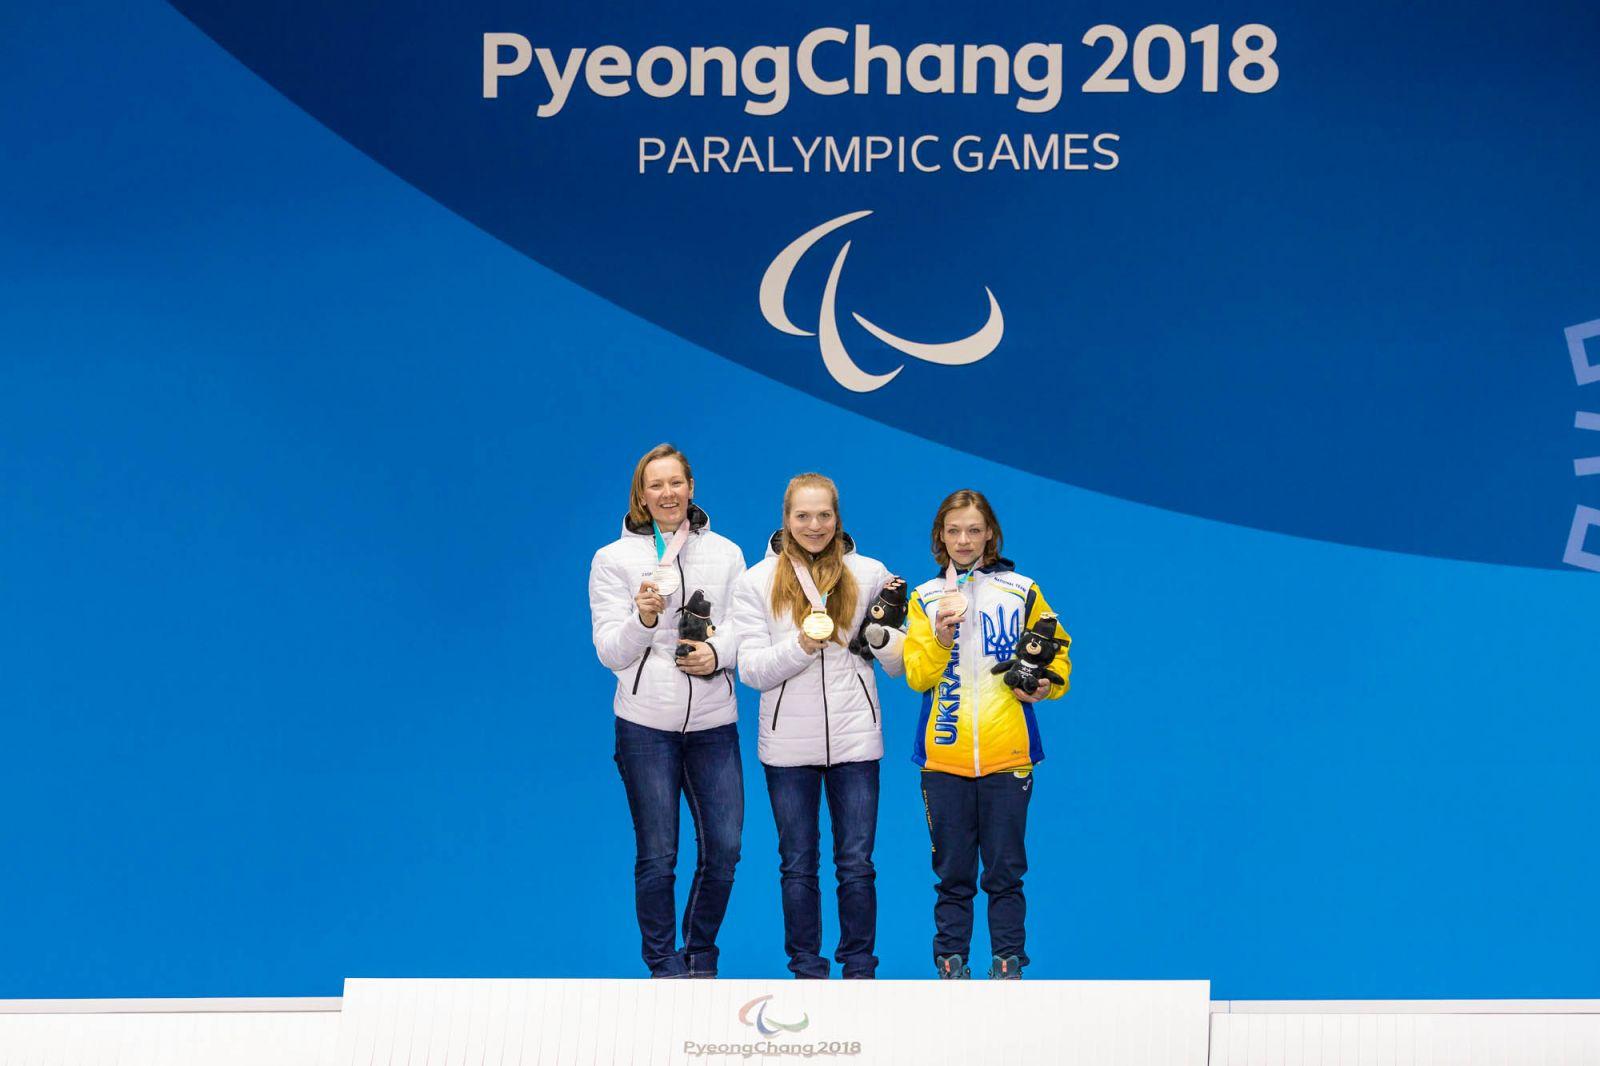 Паралимпиада-2018. Итоги 3 дня соревнований. Российские лыжницы завоевали золотую, серебряную и бронзовую медали